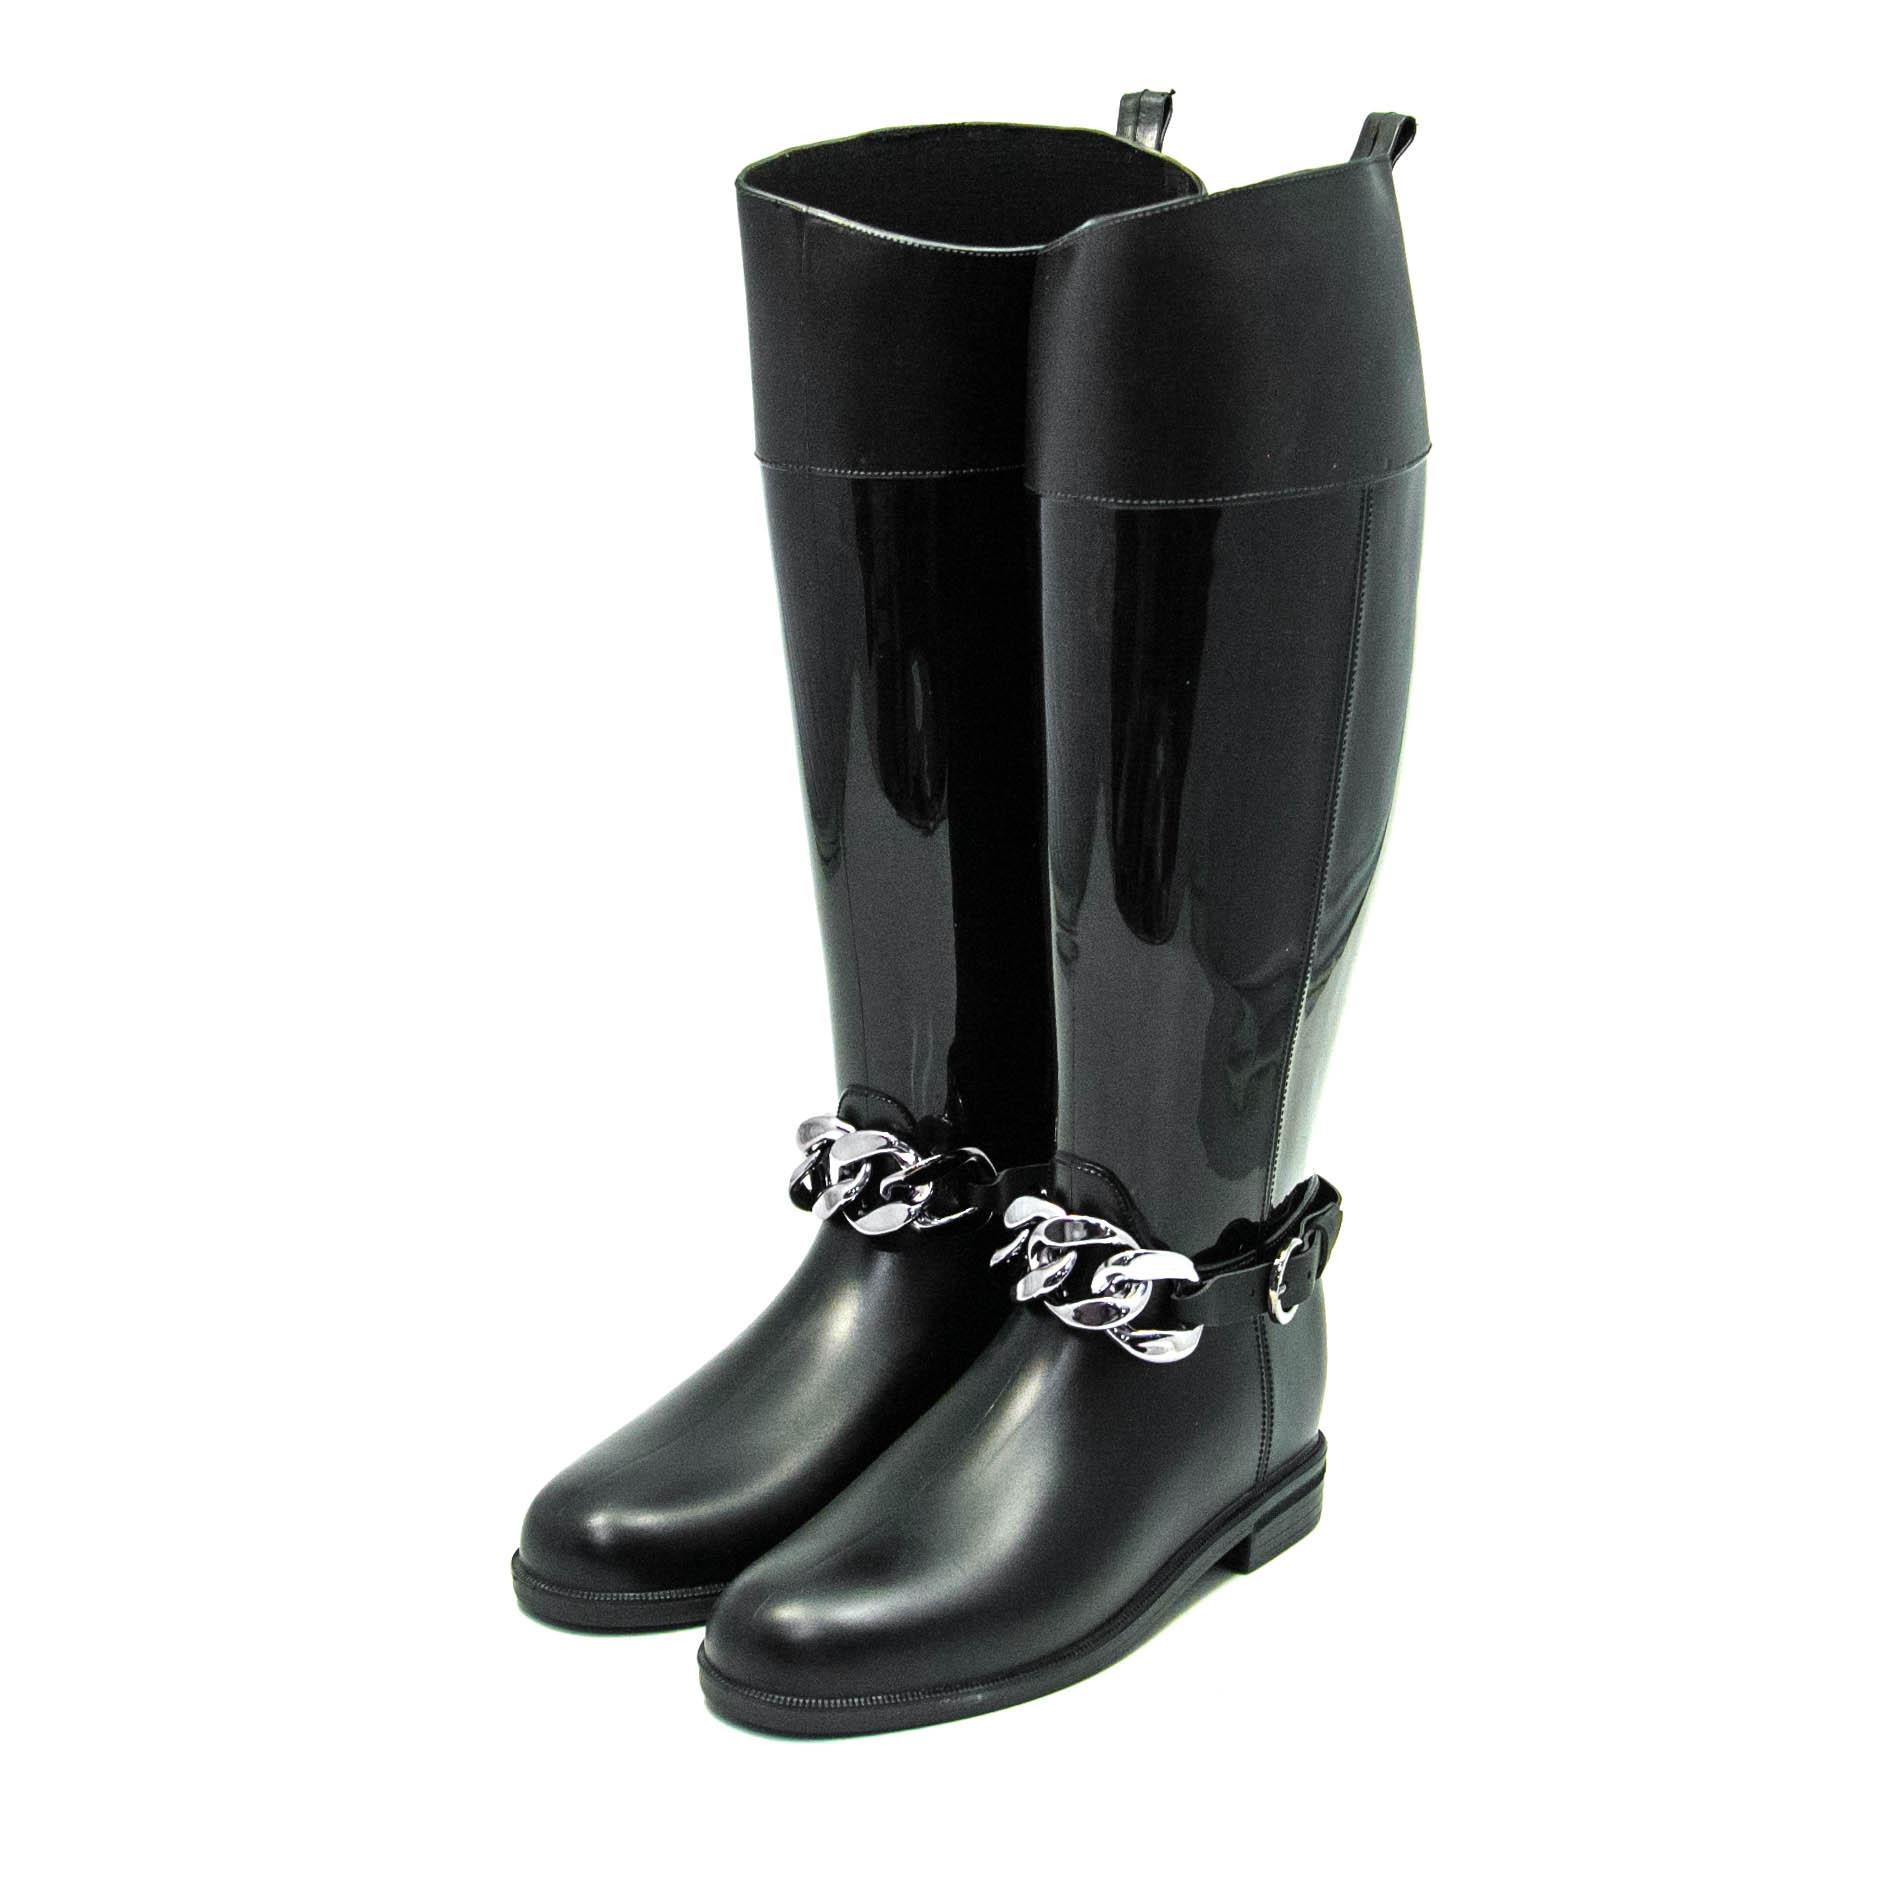 Γυναικεία μπότα χ. WALL STREET 51020804